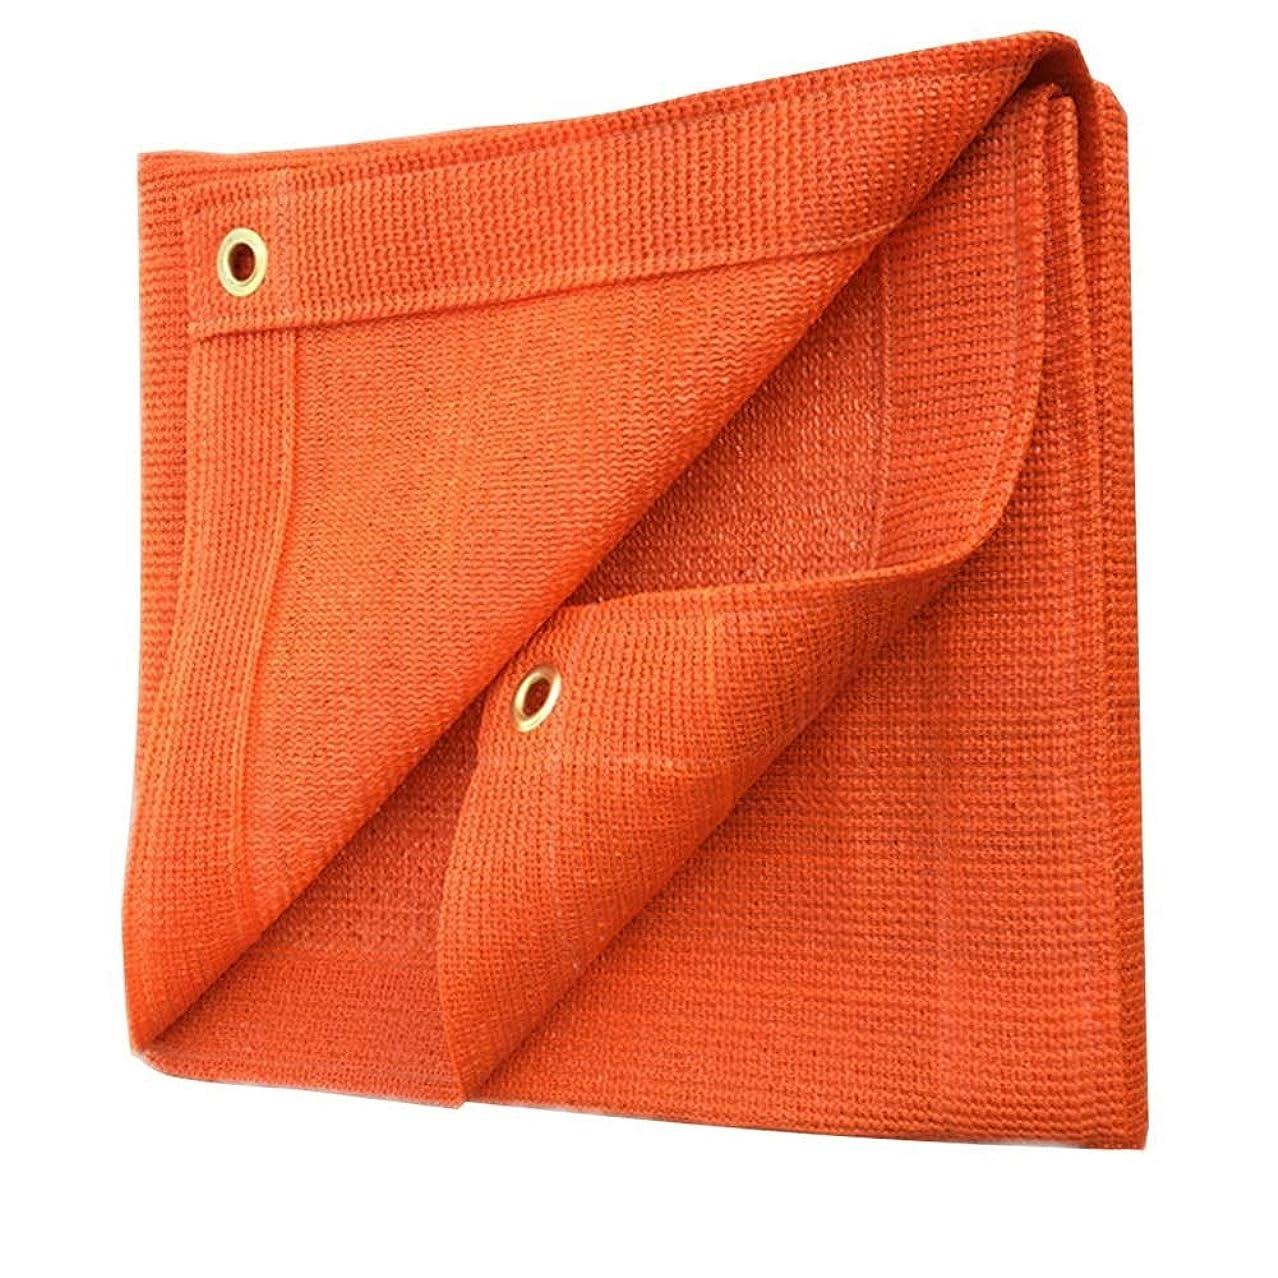 買い物に行く暗唱する宿るGGYMEI オーニングシェード遮光ネット シェードクロス引っ張りに強い防風老化防止家庭用日よけポリエチレン、3色、17サイズ (Color : Red, Size : 3X4M)